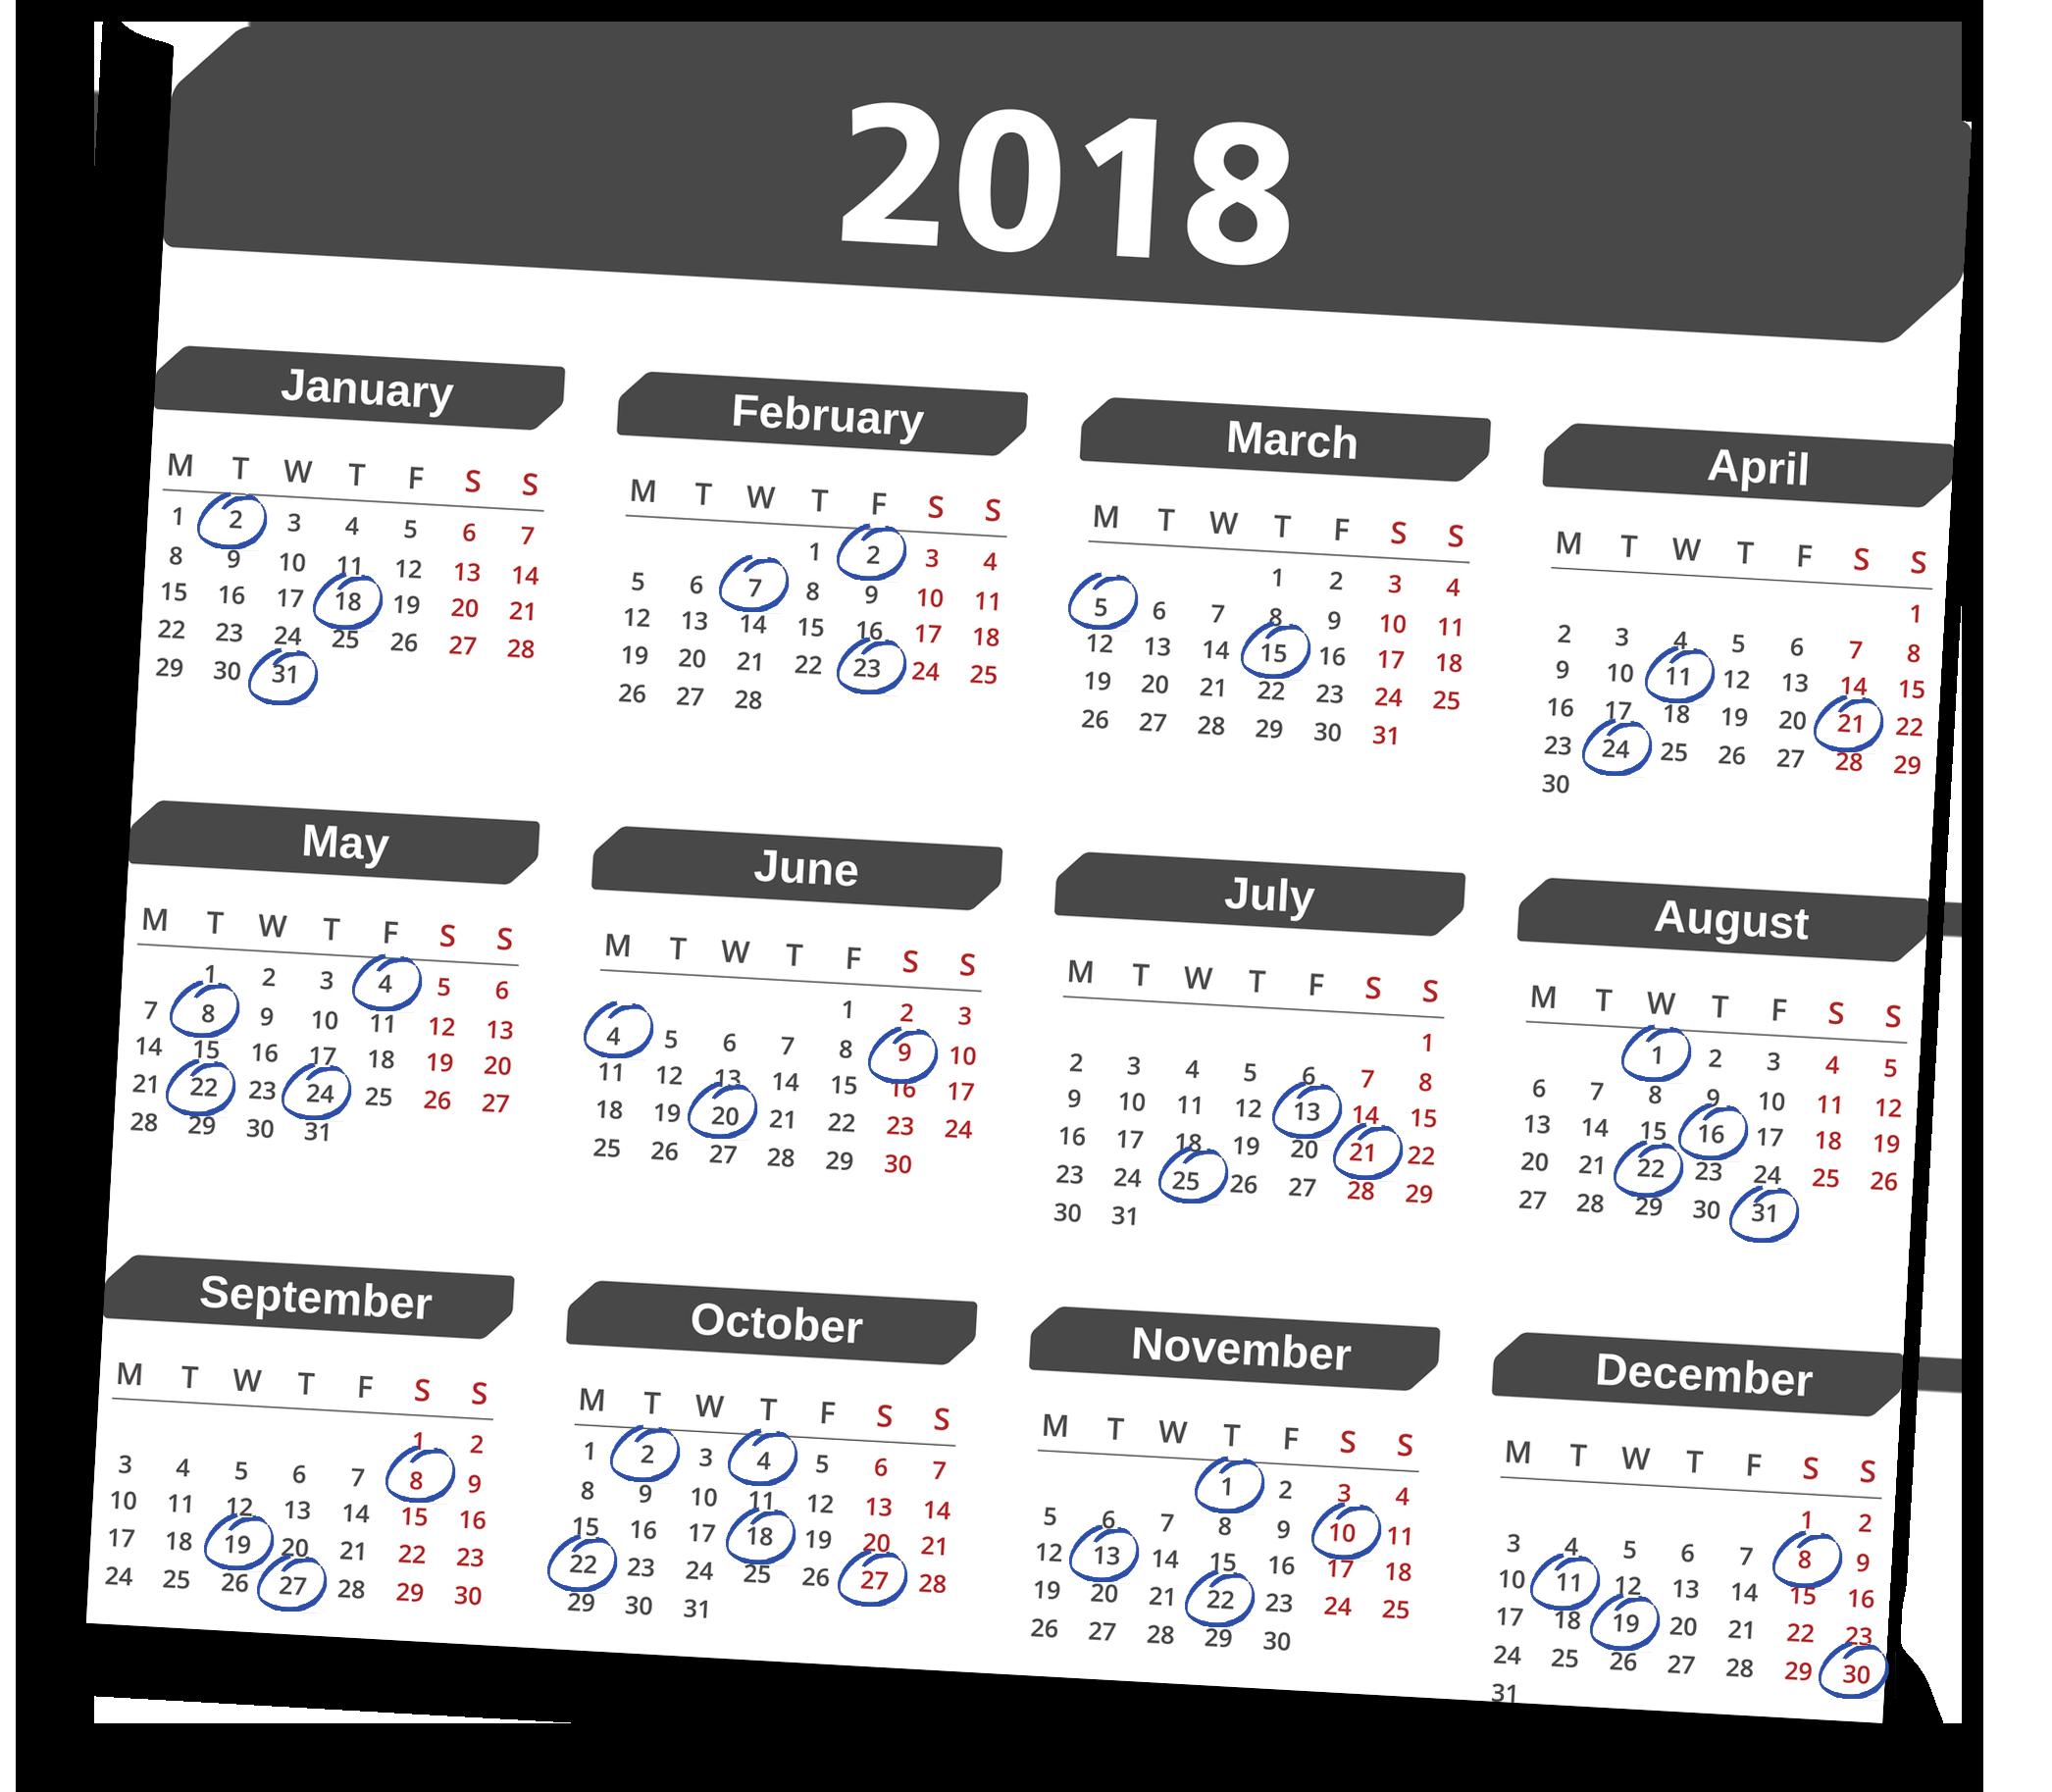 2018 Dividend Calendar High Yield Wealth